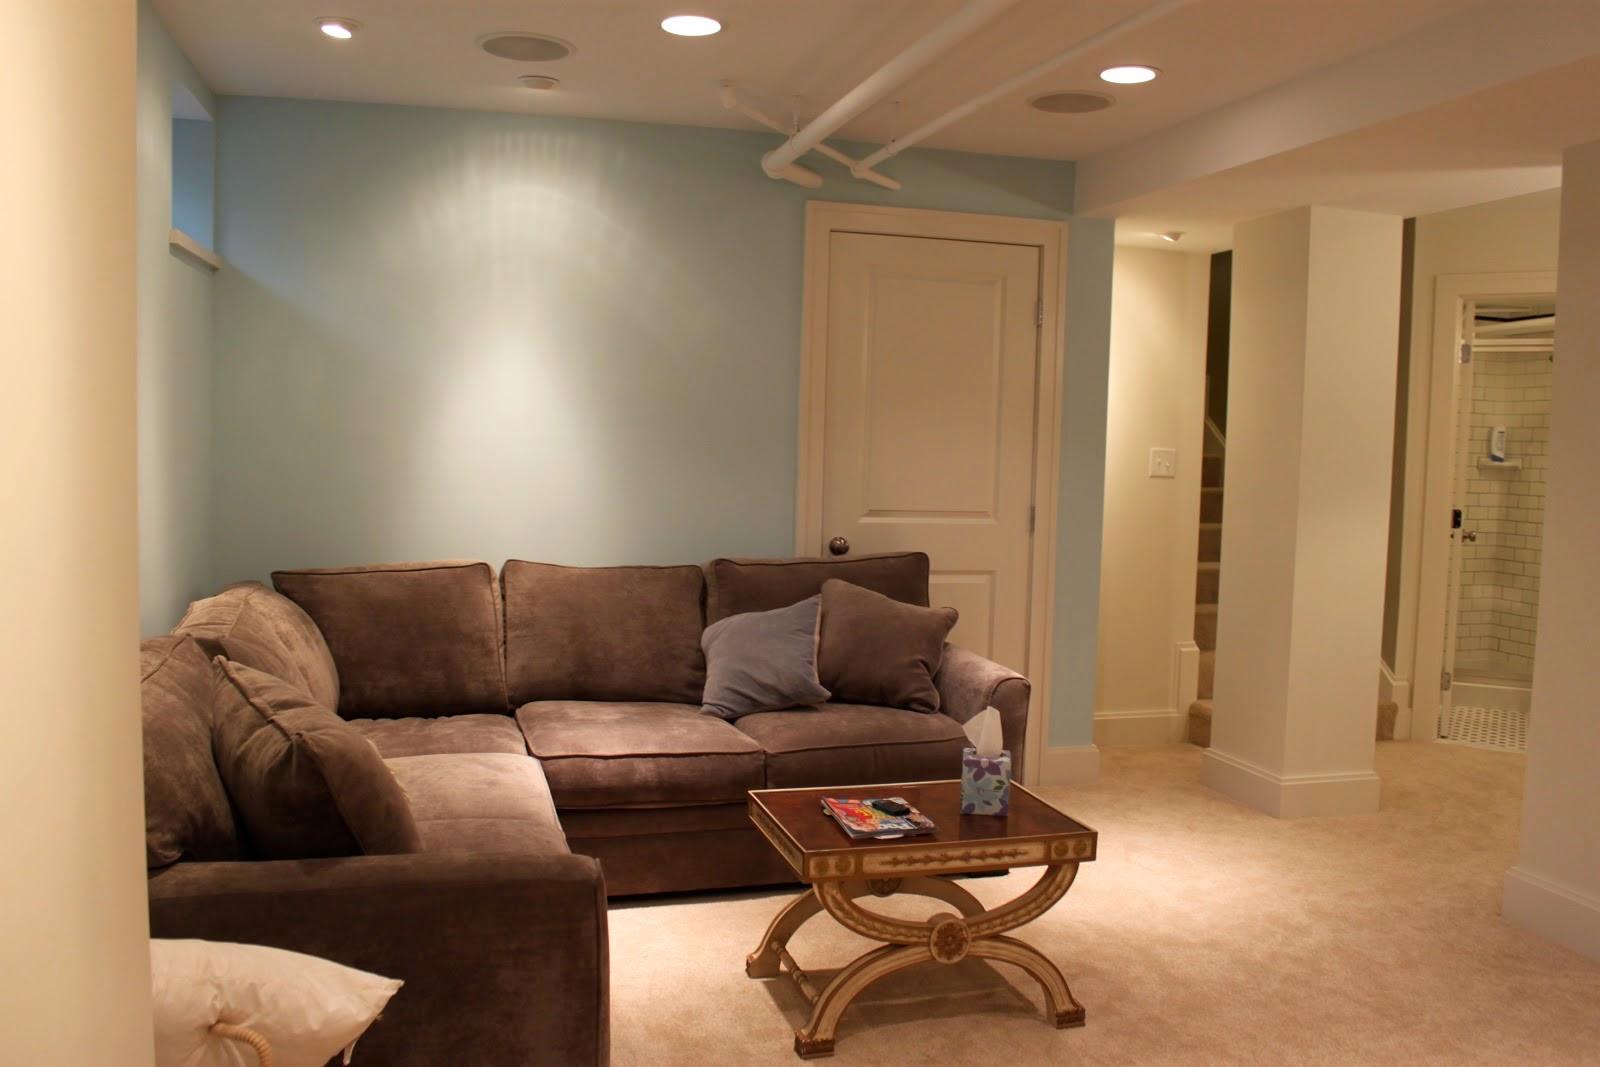 25 best small basement ideas home art decor - Small basement decorating ideas ...